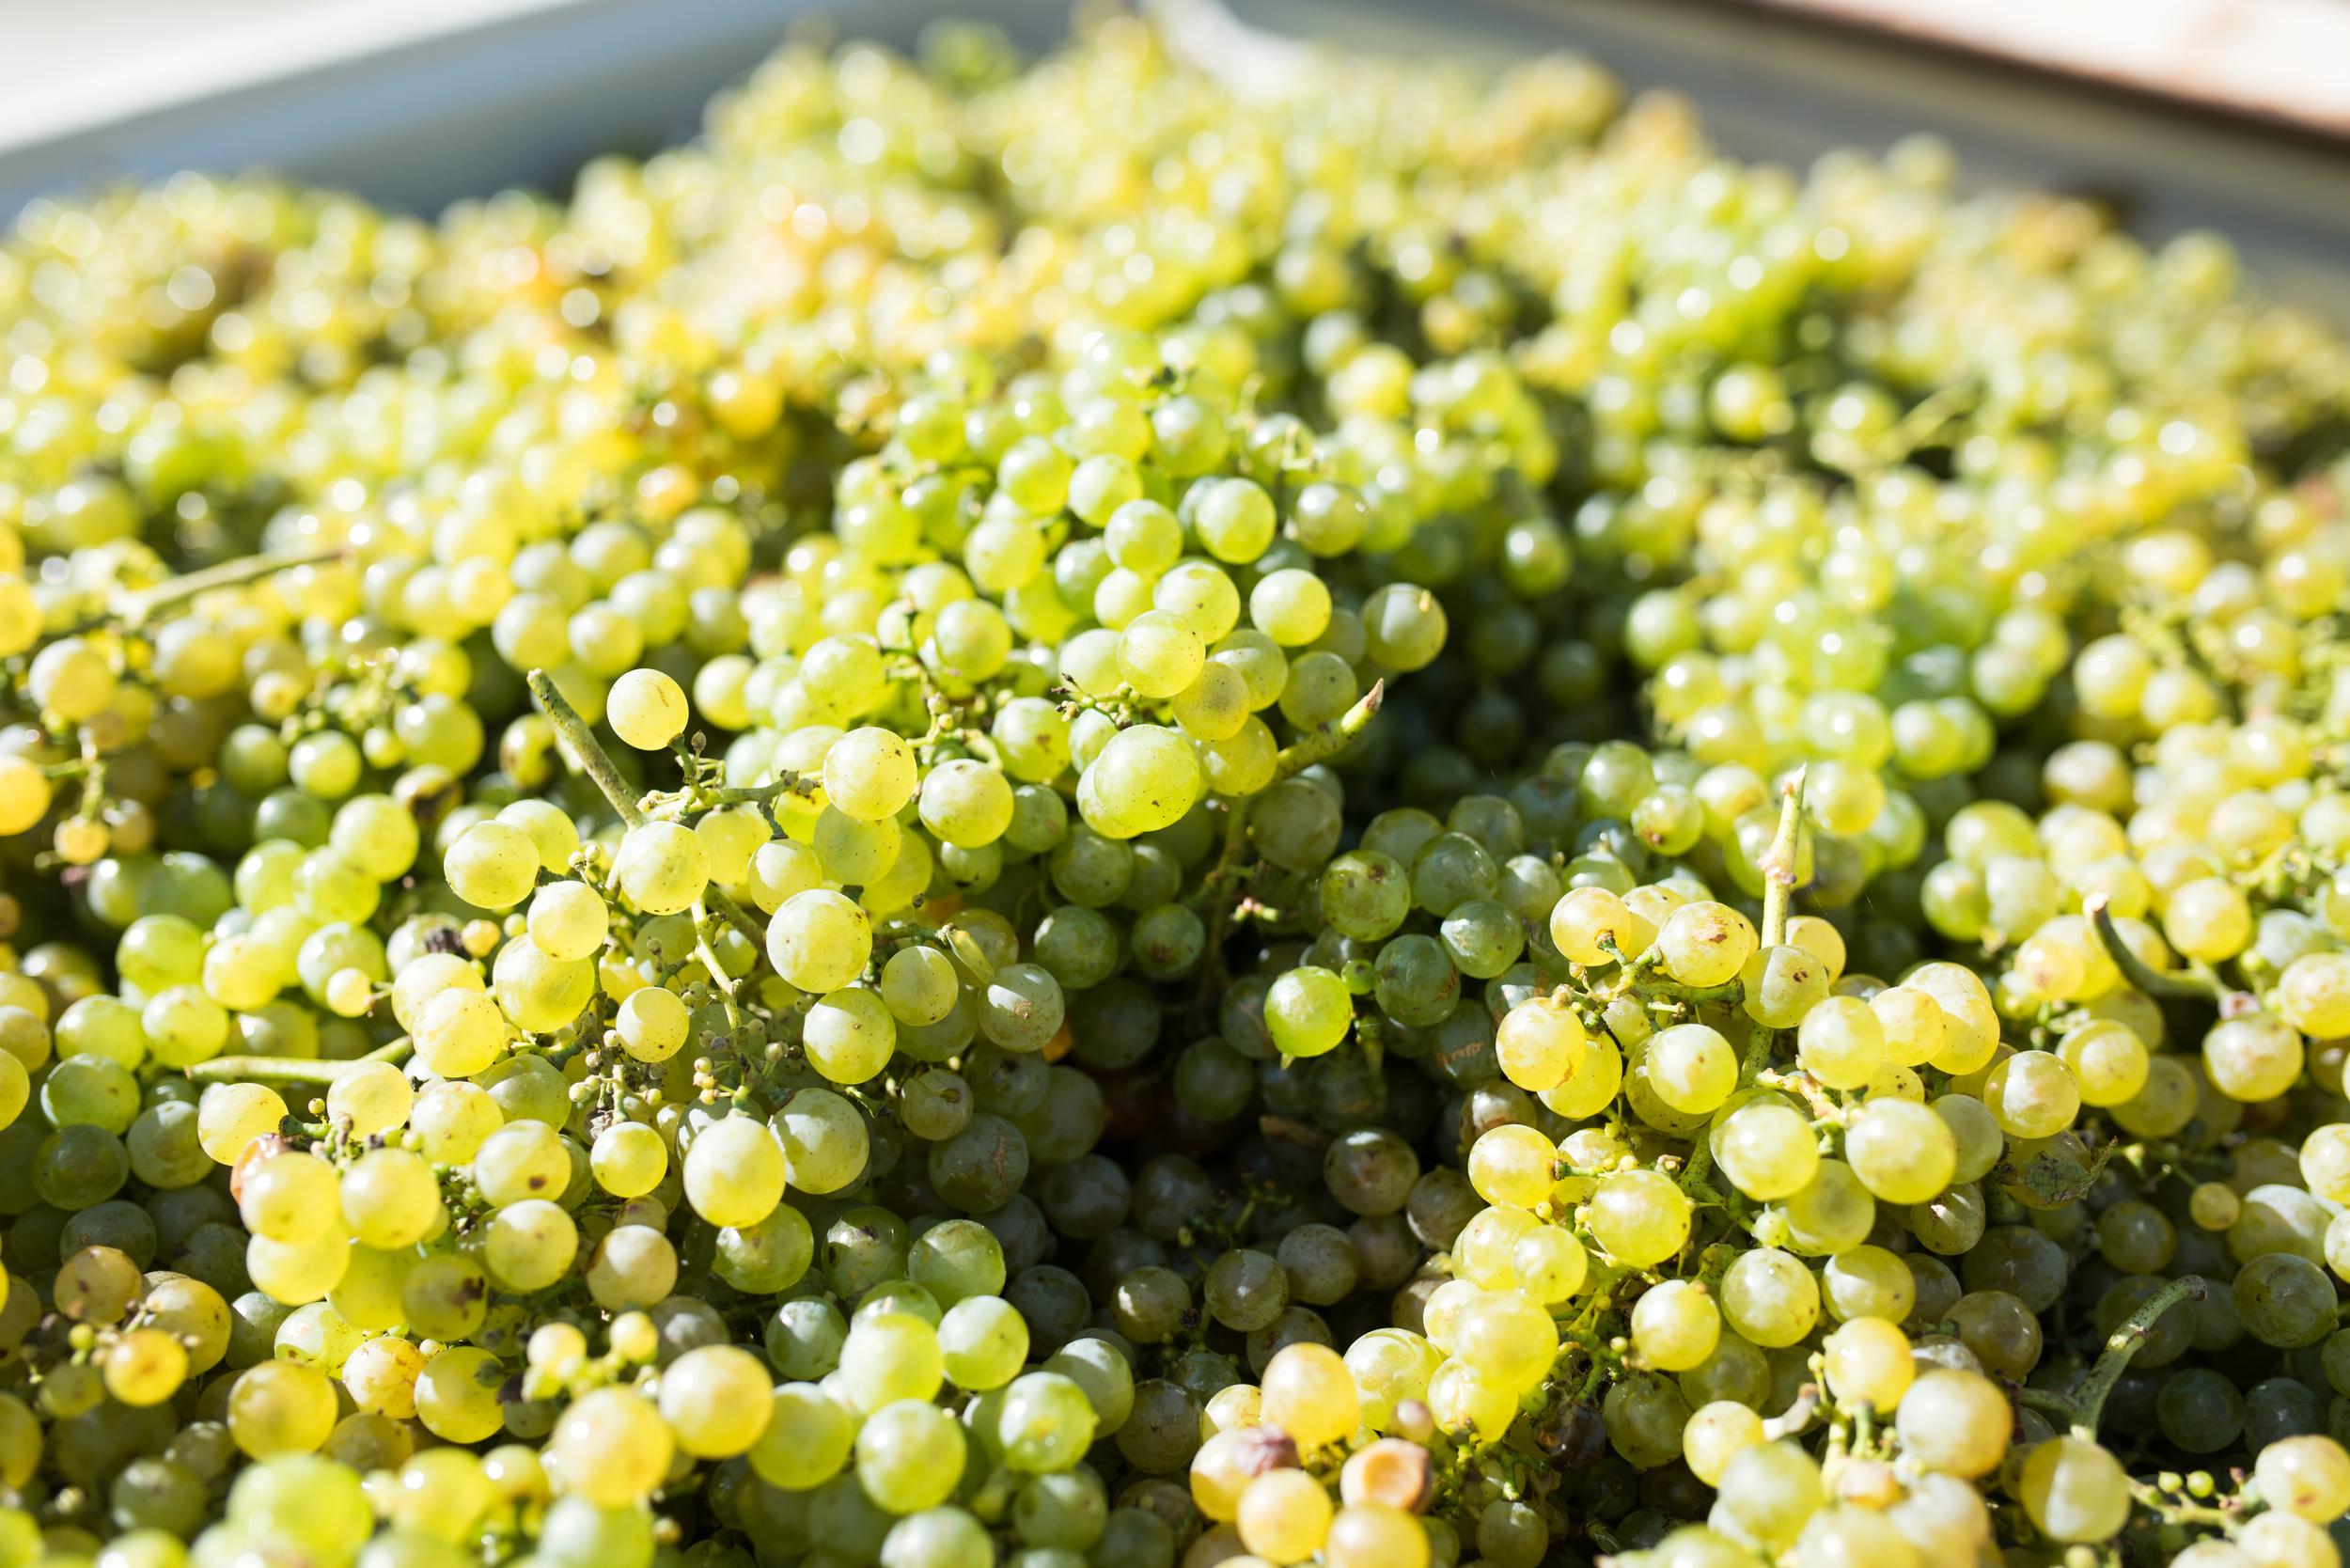 Lark Hill Vineyard; Gruner Veltliner Grapes